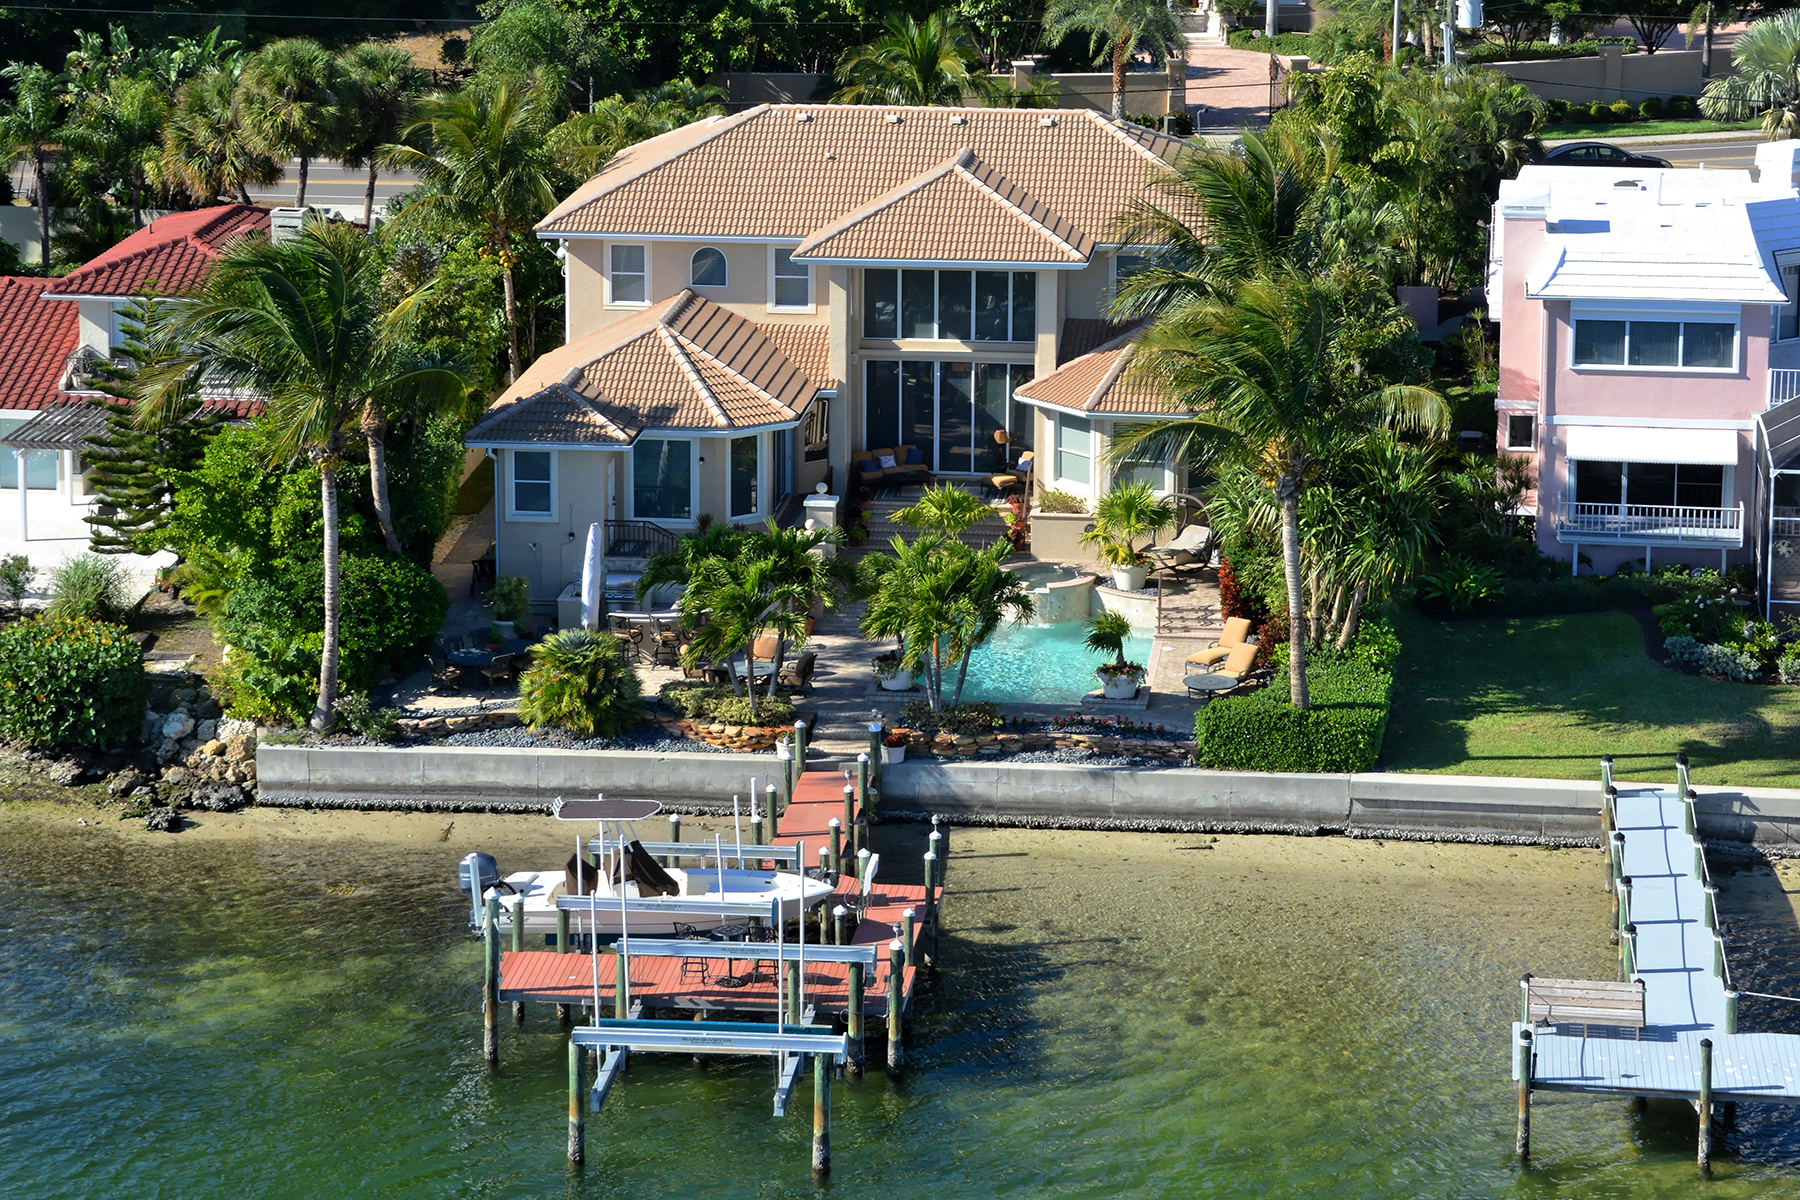 Частный односемейный дом для того Продажа на LIDO C 1448 John Ringling Pkwy Sarasota, Флорида, 34236 Соединенные Штаты